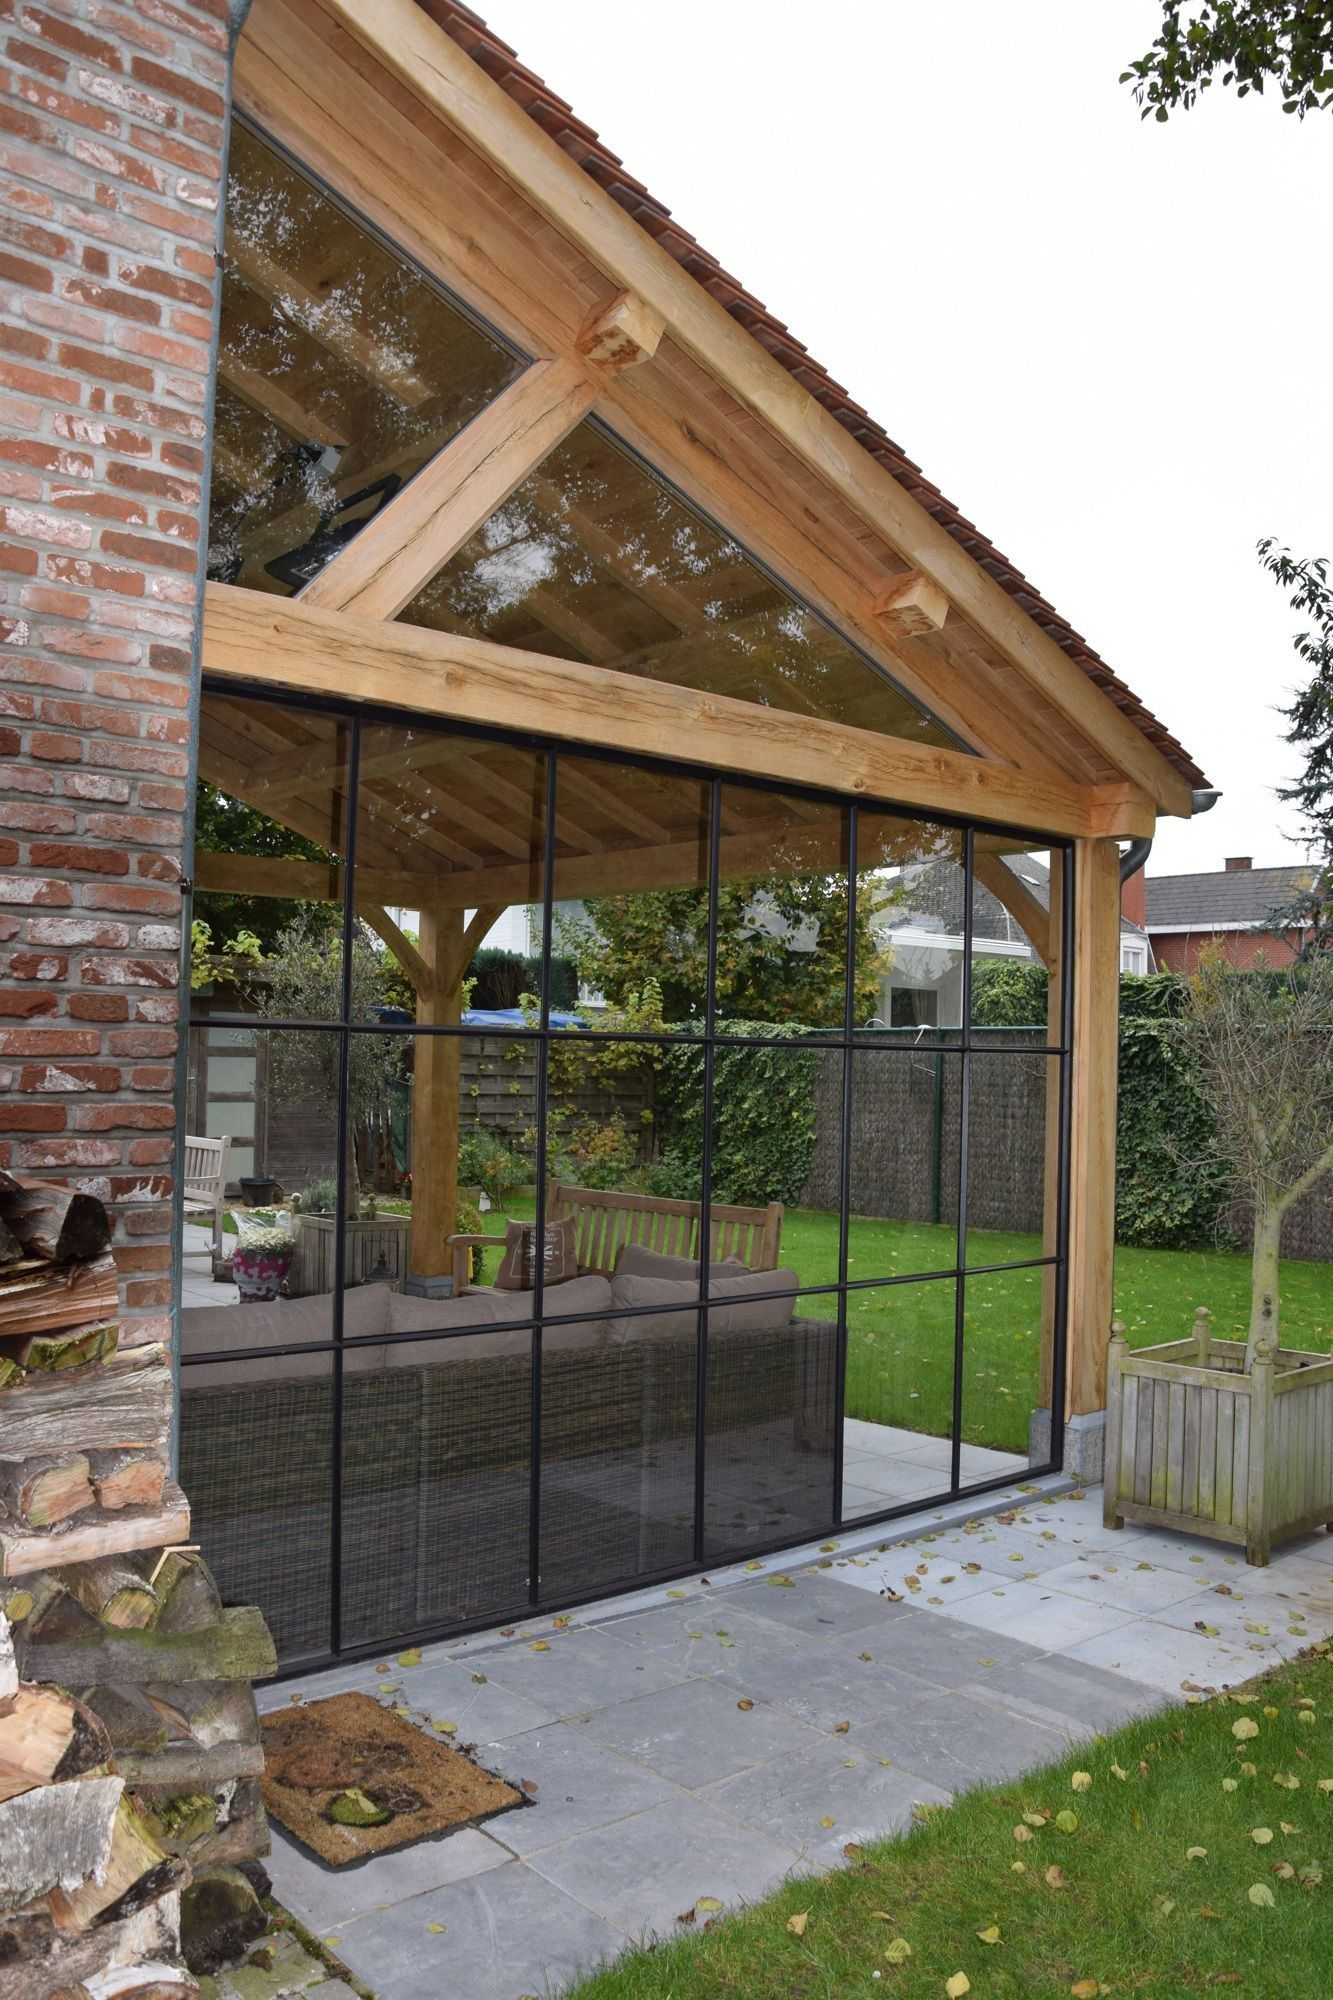 Epingle Par Rr Hh Sur Aussenbereich En 2019 Veranda Jardin Veranda Patio Et Veranda Bois